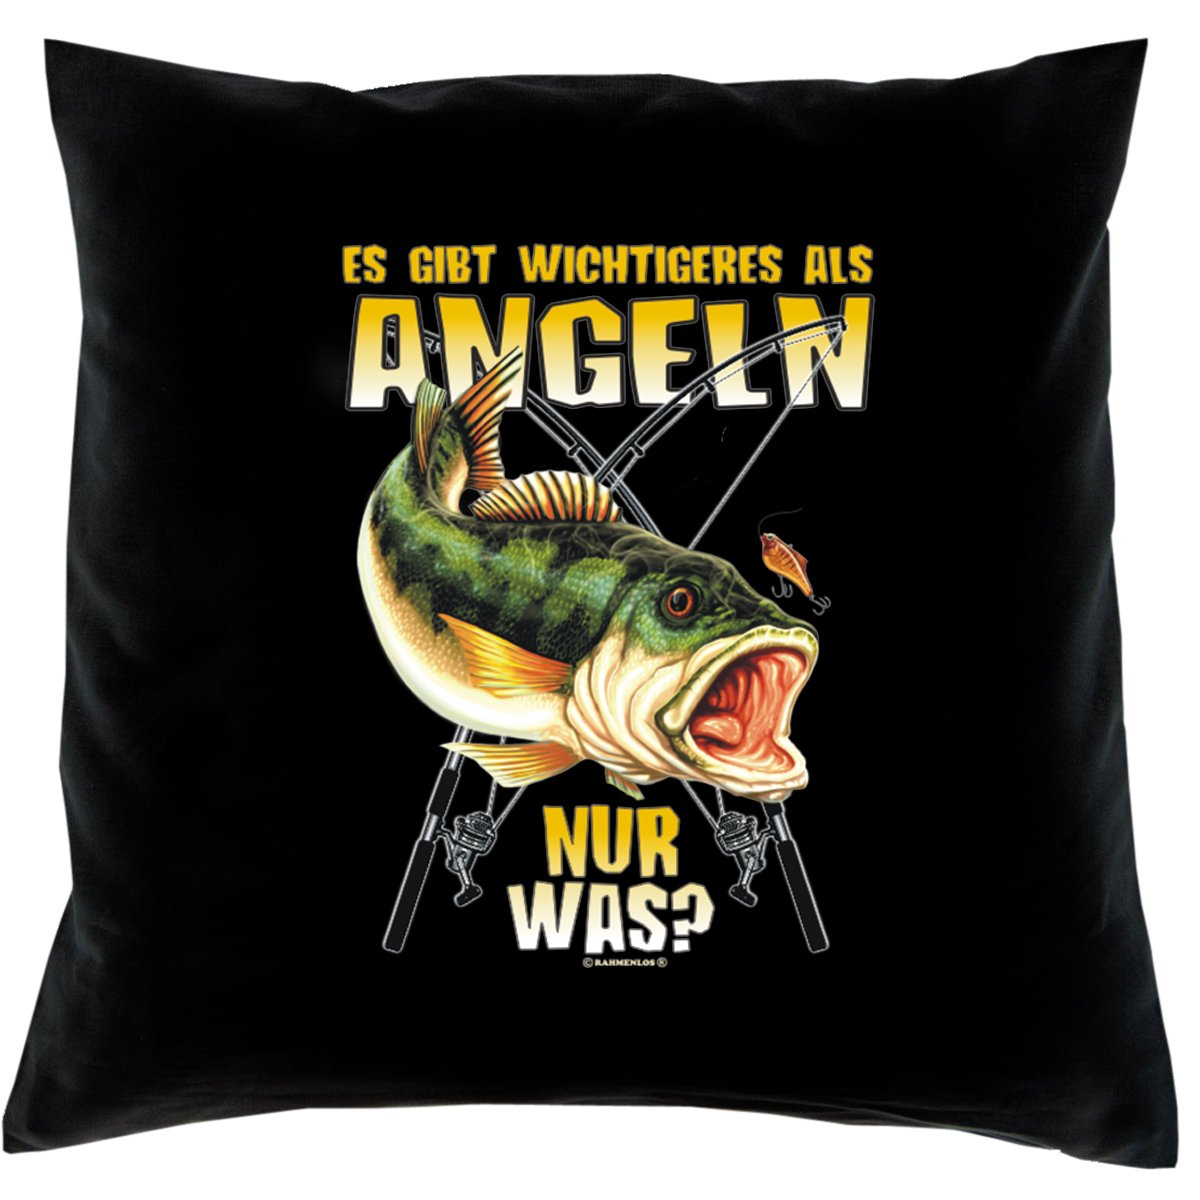 Kissen mit Innenkissen - Angler - Es gibt wichtigeres als Angeln - nur was? - mit 40 x 40 cm - in schwarz : )